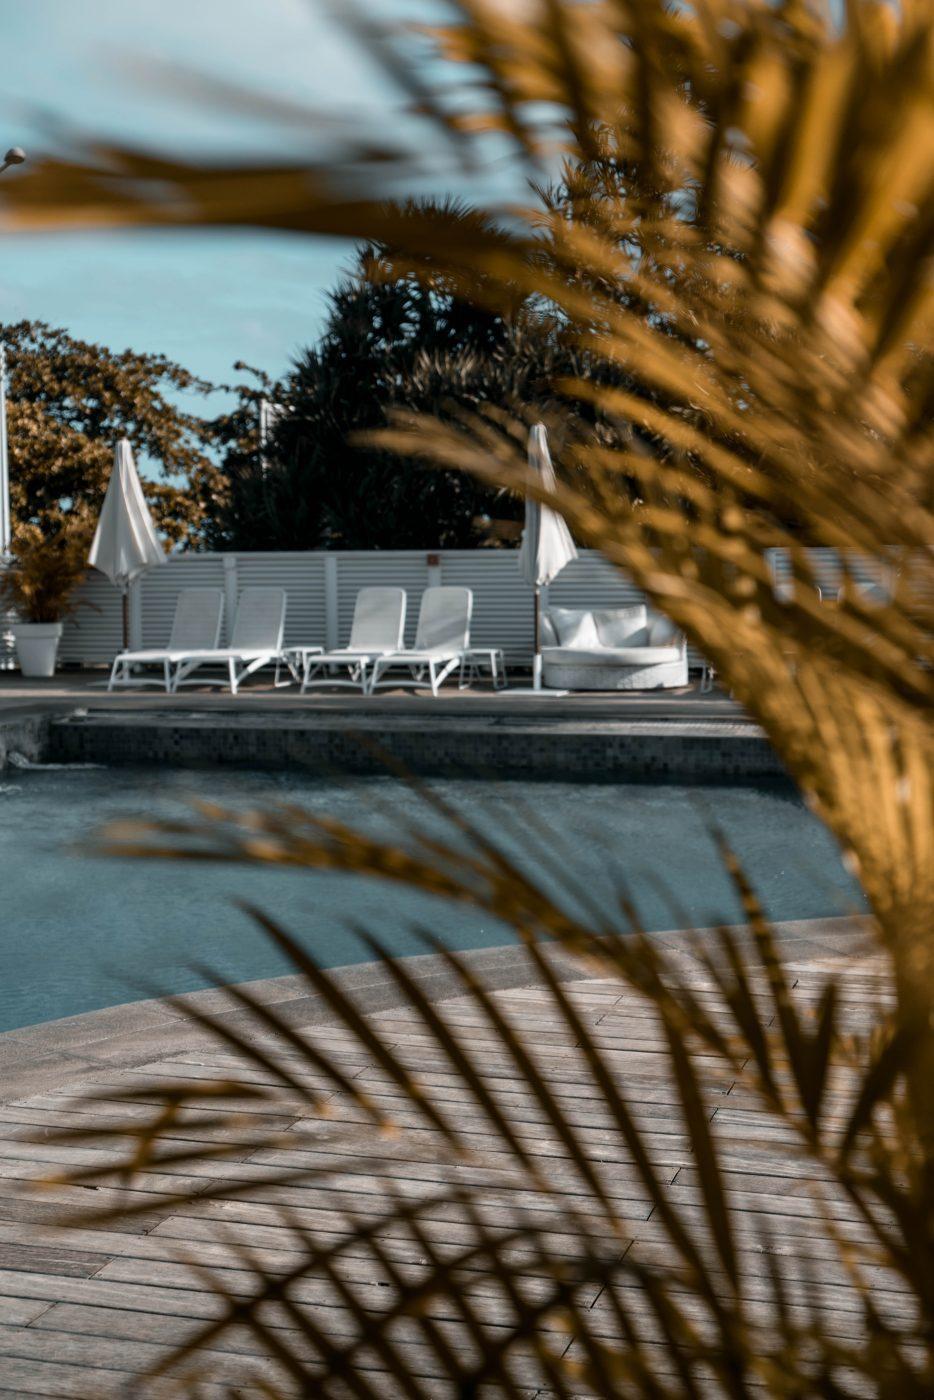 Villa Delisle Hotel & Spa: post-colonial charm in the heart of Saint-Pierre, La Réunion 7